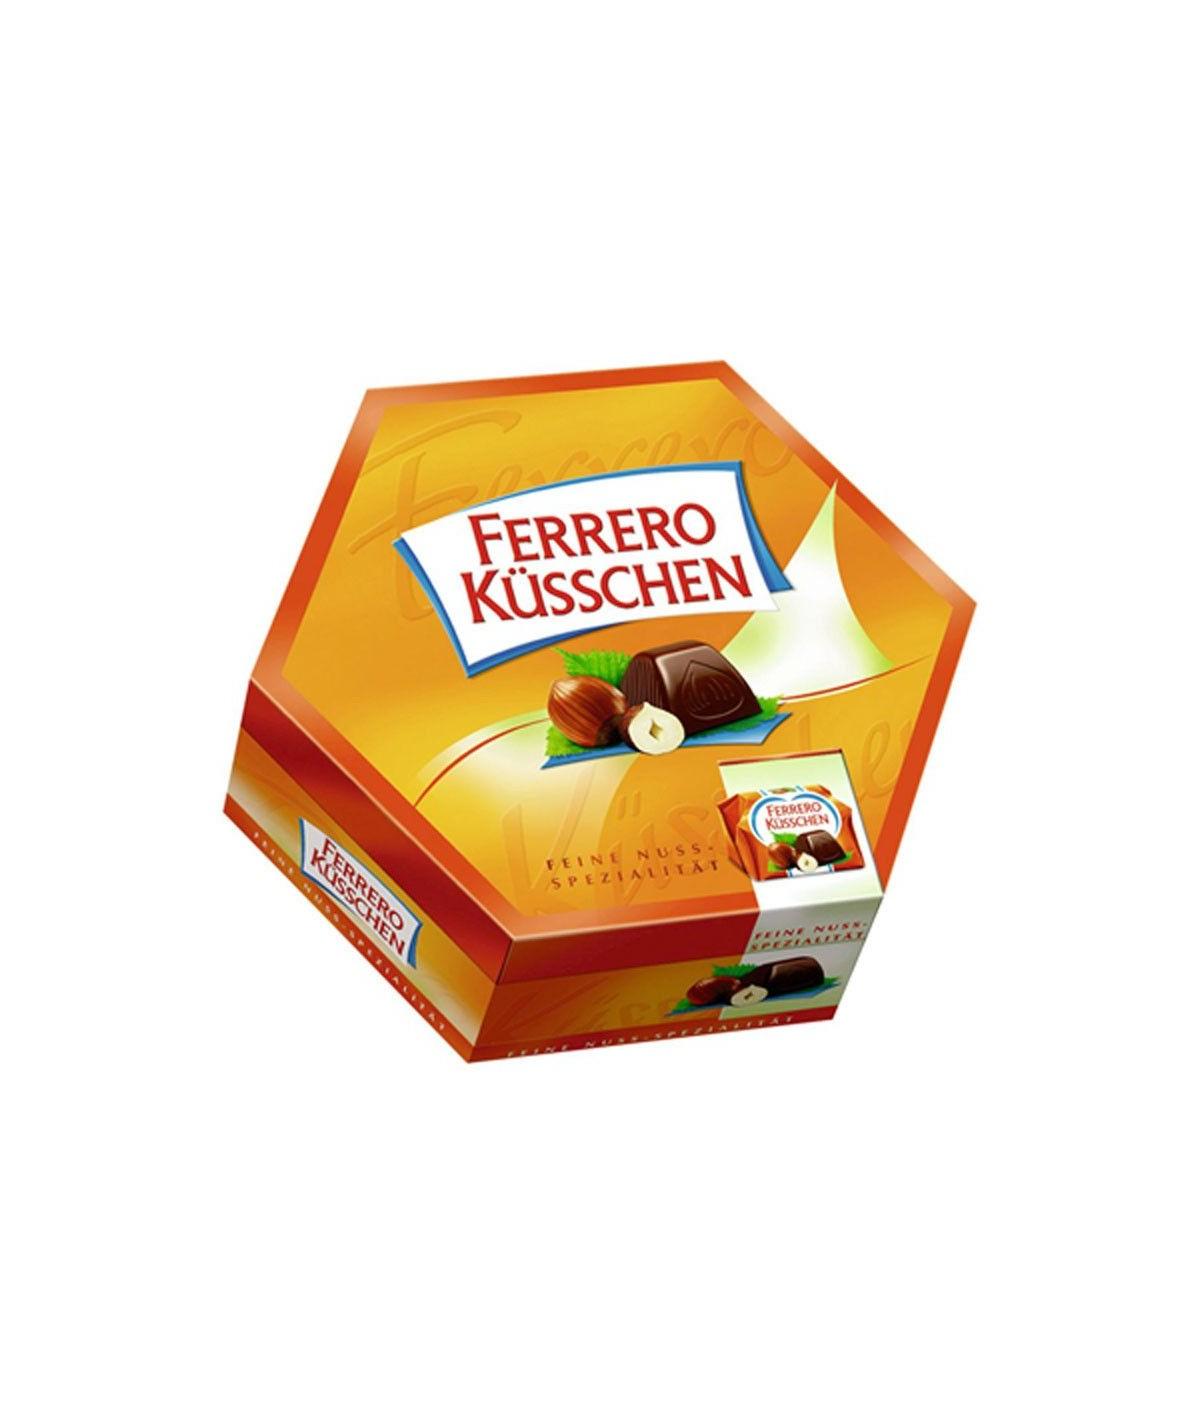 Küsschen Klassik 20 Stück Ferrero 178g